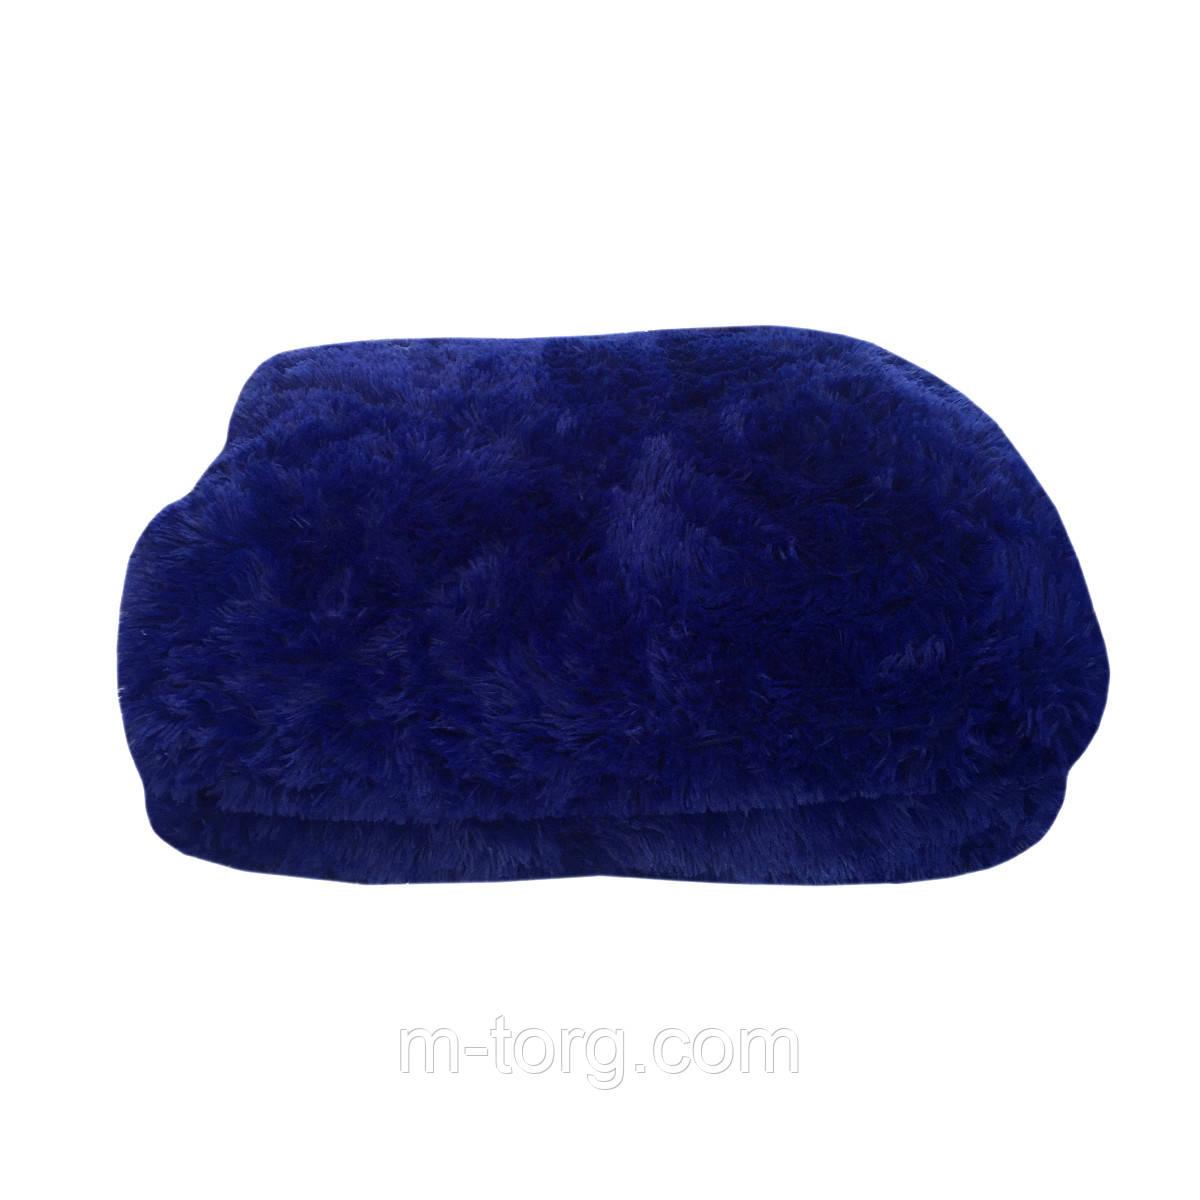 """""""синий"""" пушистый плед - одеяло """"травка"""" евро размер 210*230 см, наполнитель силикон"""